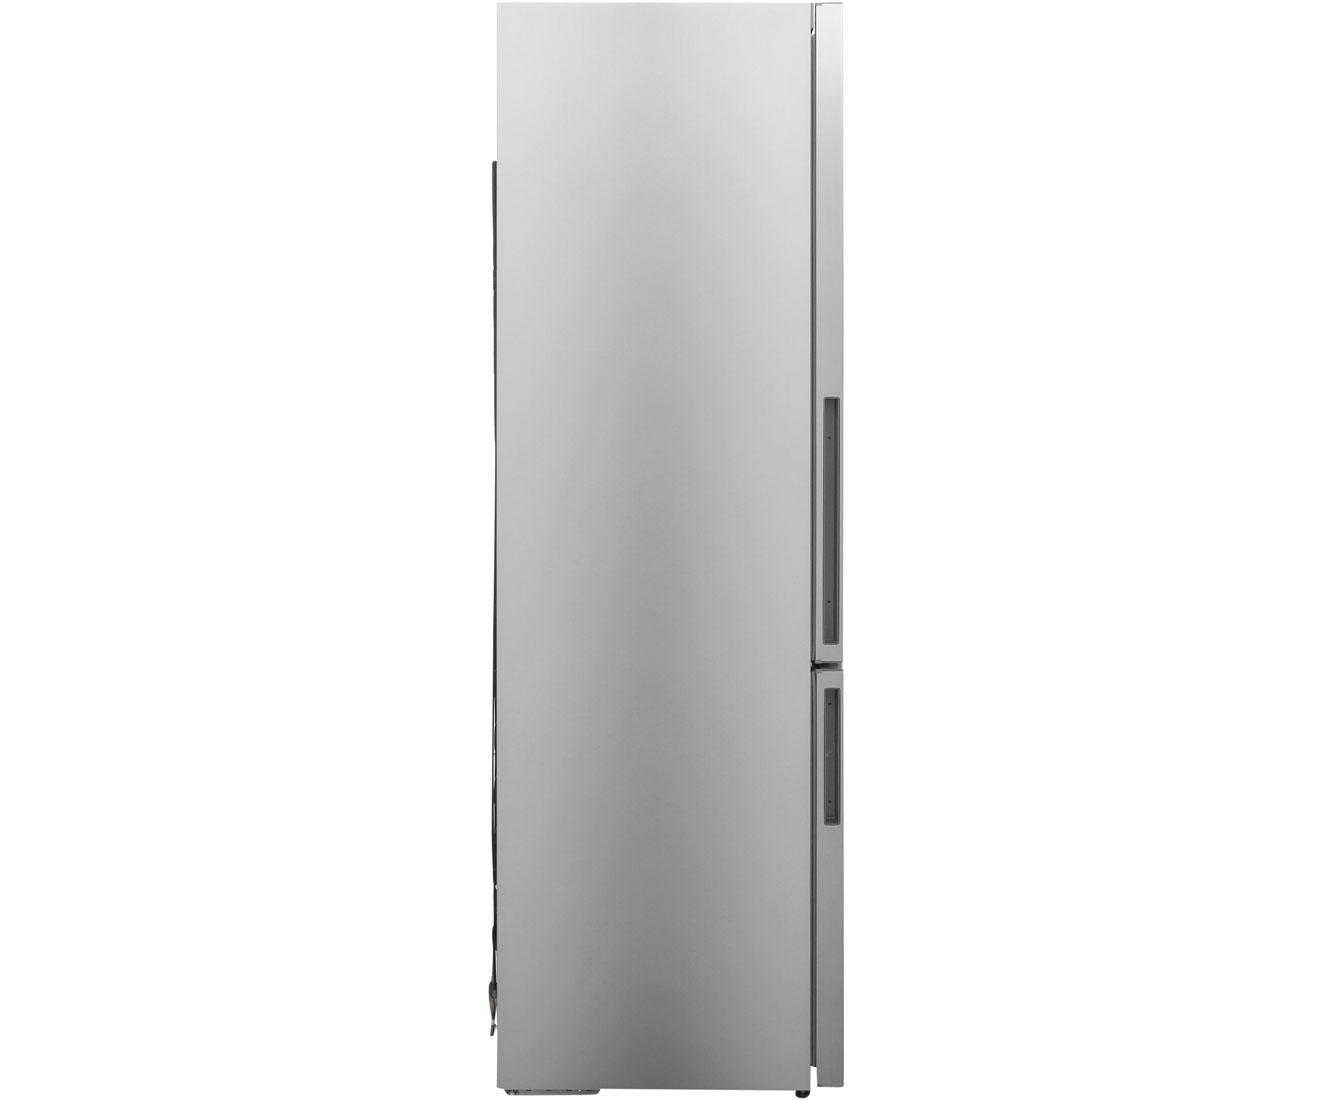 Bosch Kühlschrank Macht Geräusche : Bosch kgv39vl3a kühl gefrierkombination edelstahl optik a